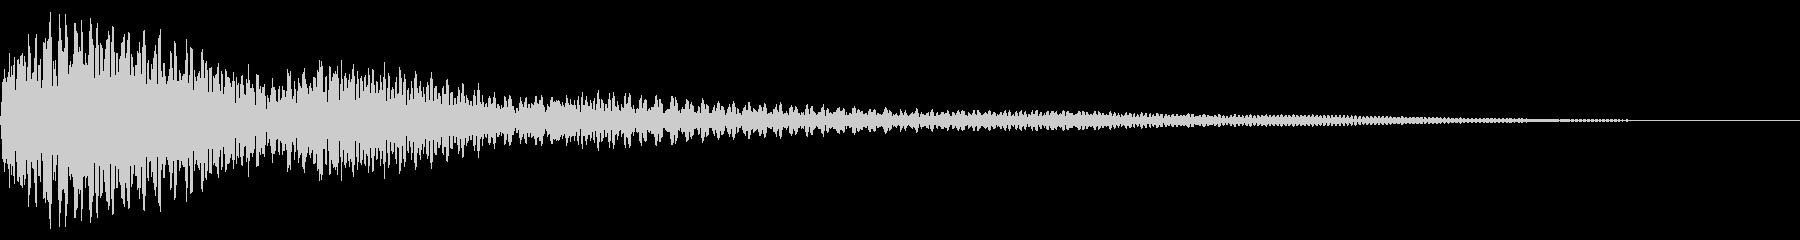 ホラー系アタック音113の未再生の波形